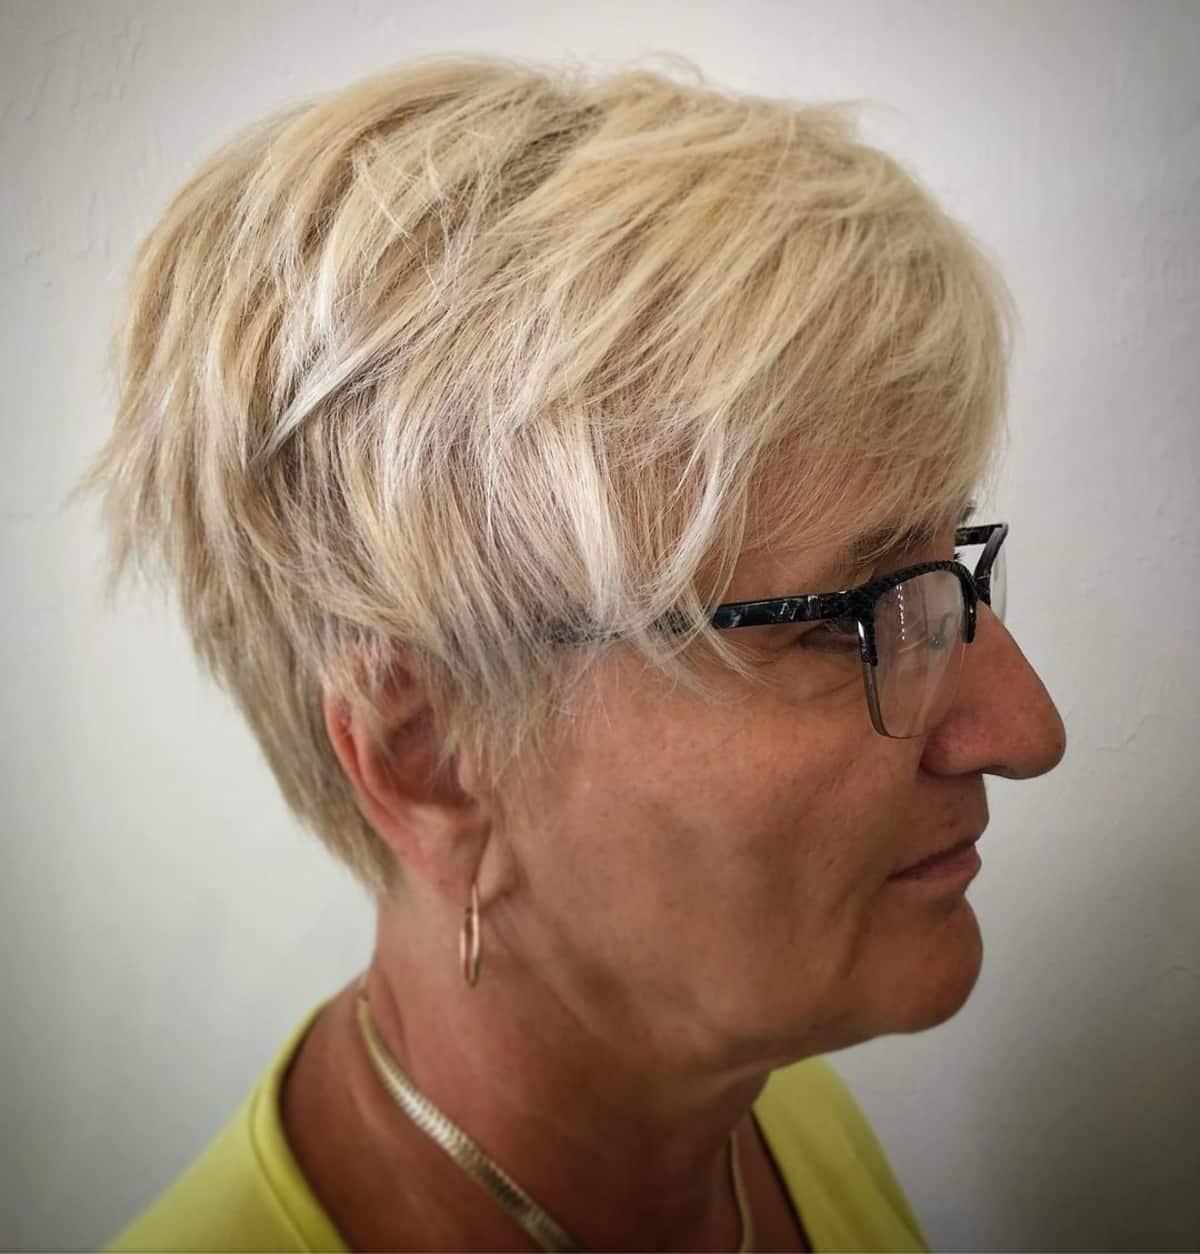 El corte de pelo de duendecillo en capas